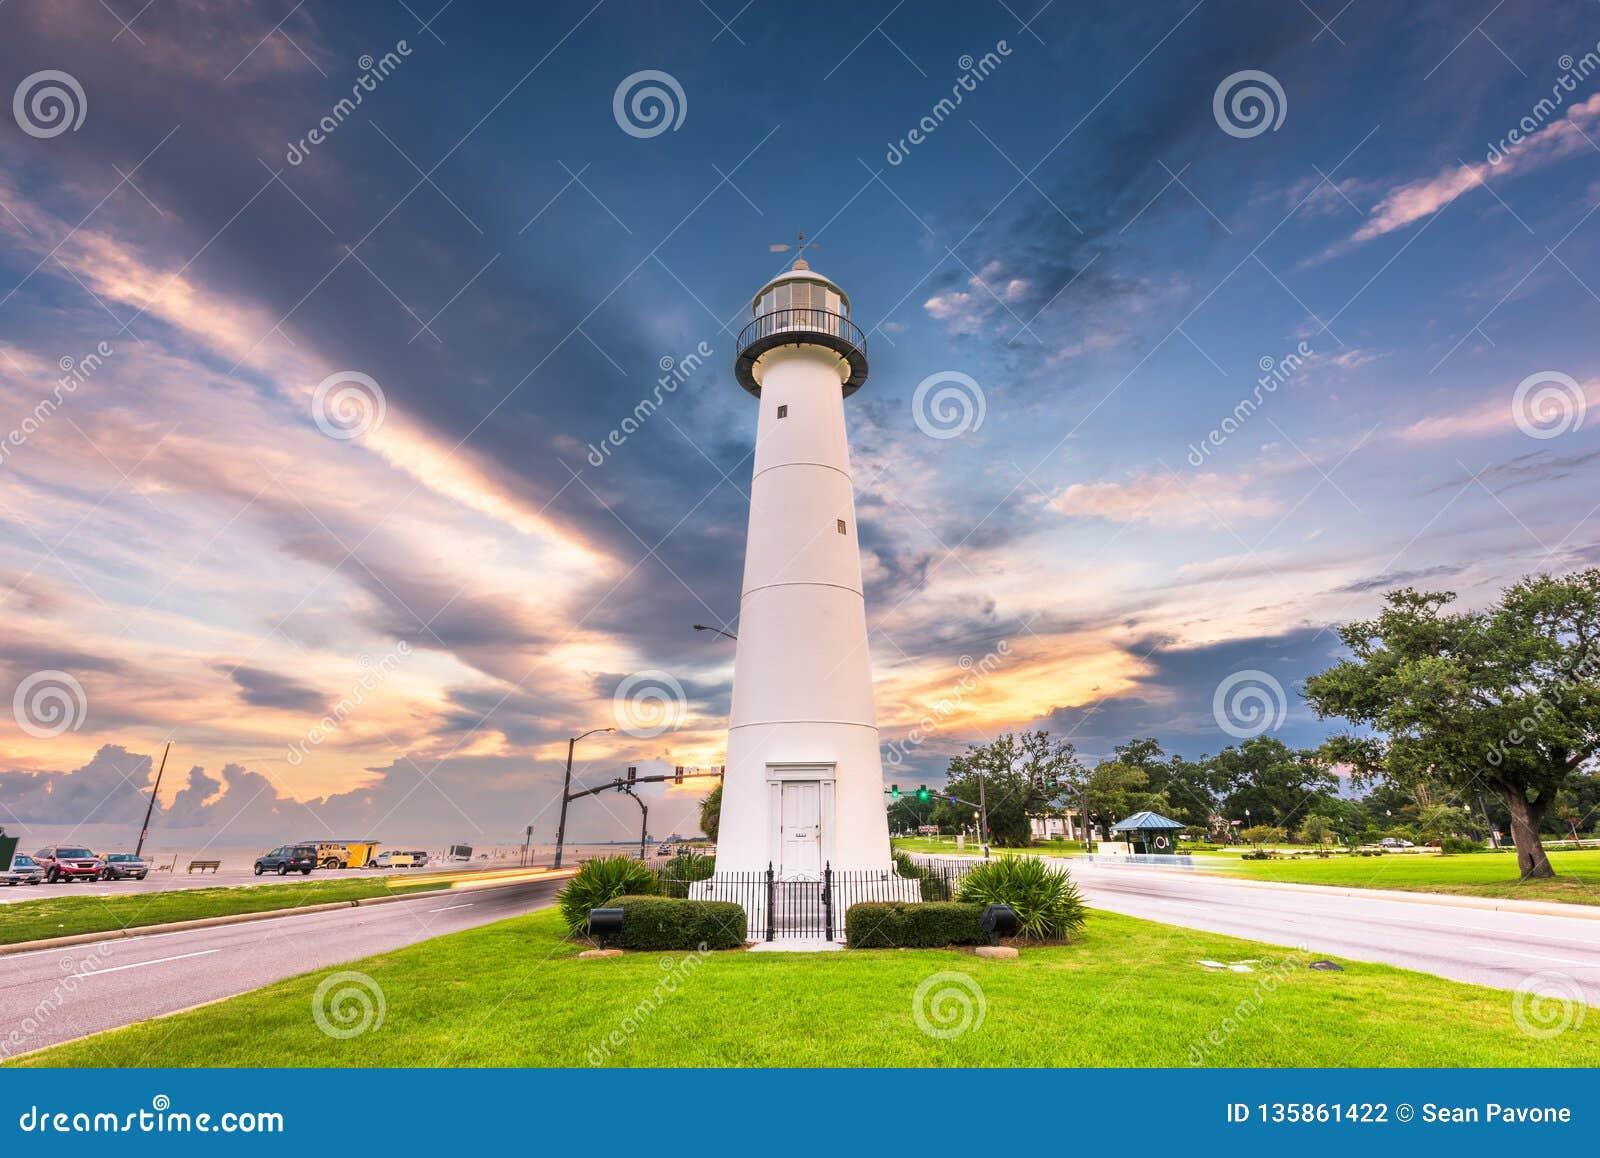 Biloxi Mississippi Usa At Biloxi Lighthouse Stock Photo Image Of Mississippi Location 135861422